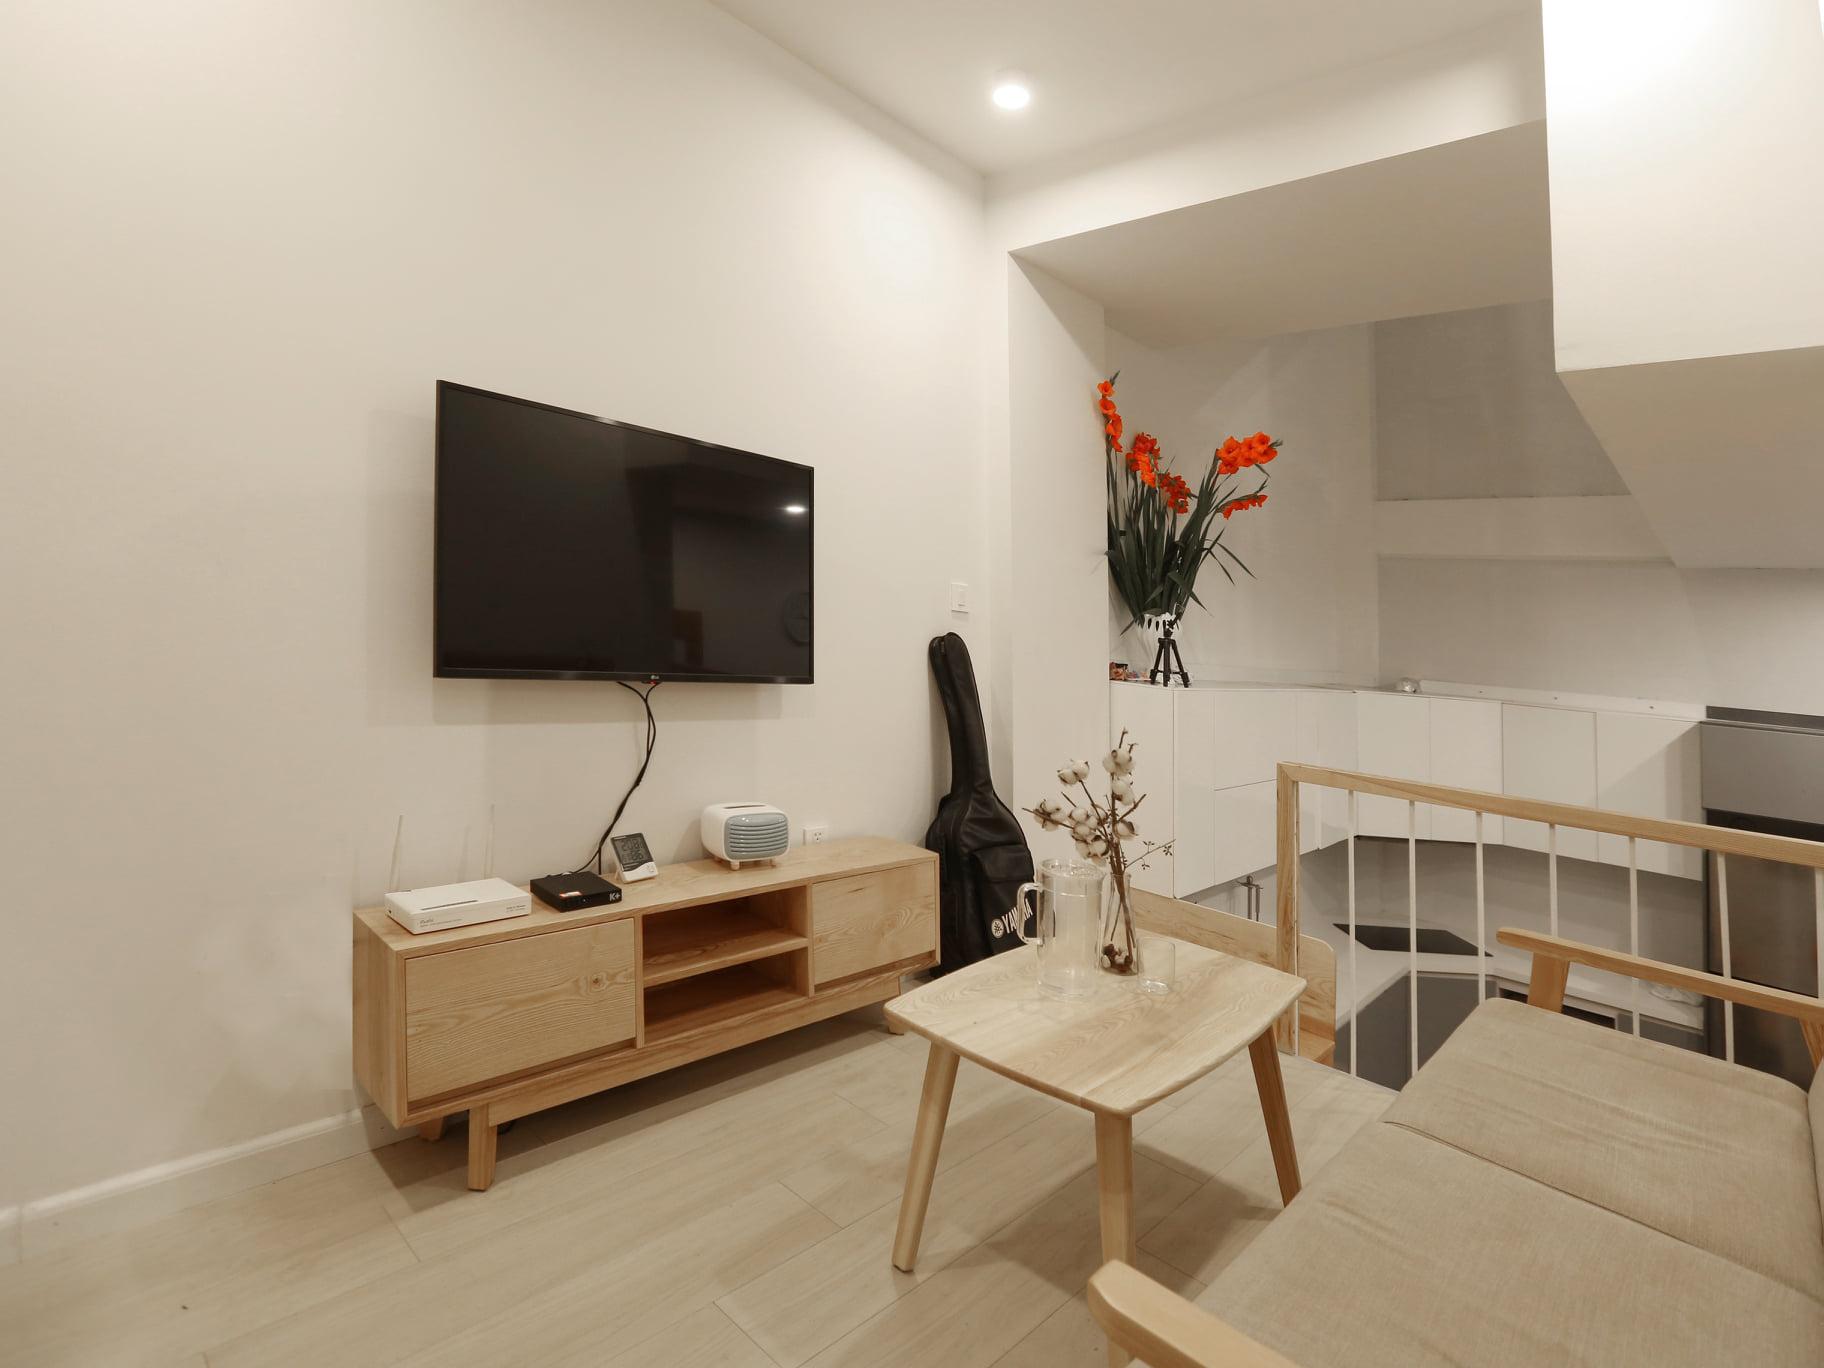 thiết kế phong cách nội thất tối giản (minimalism)